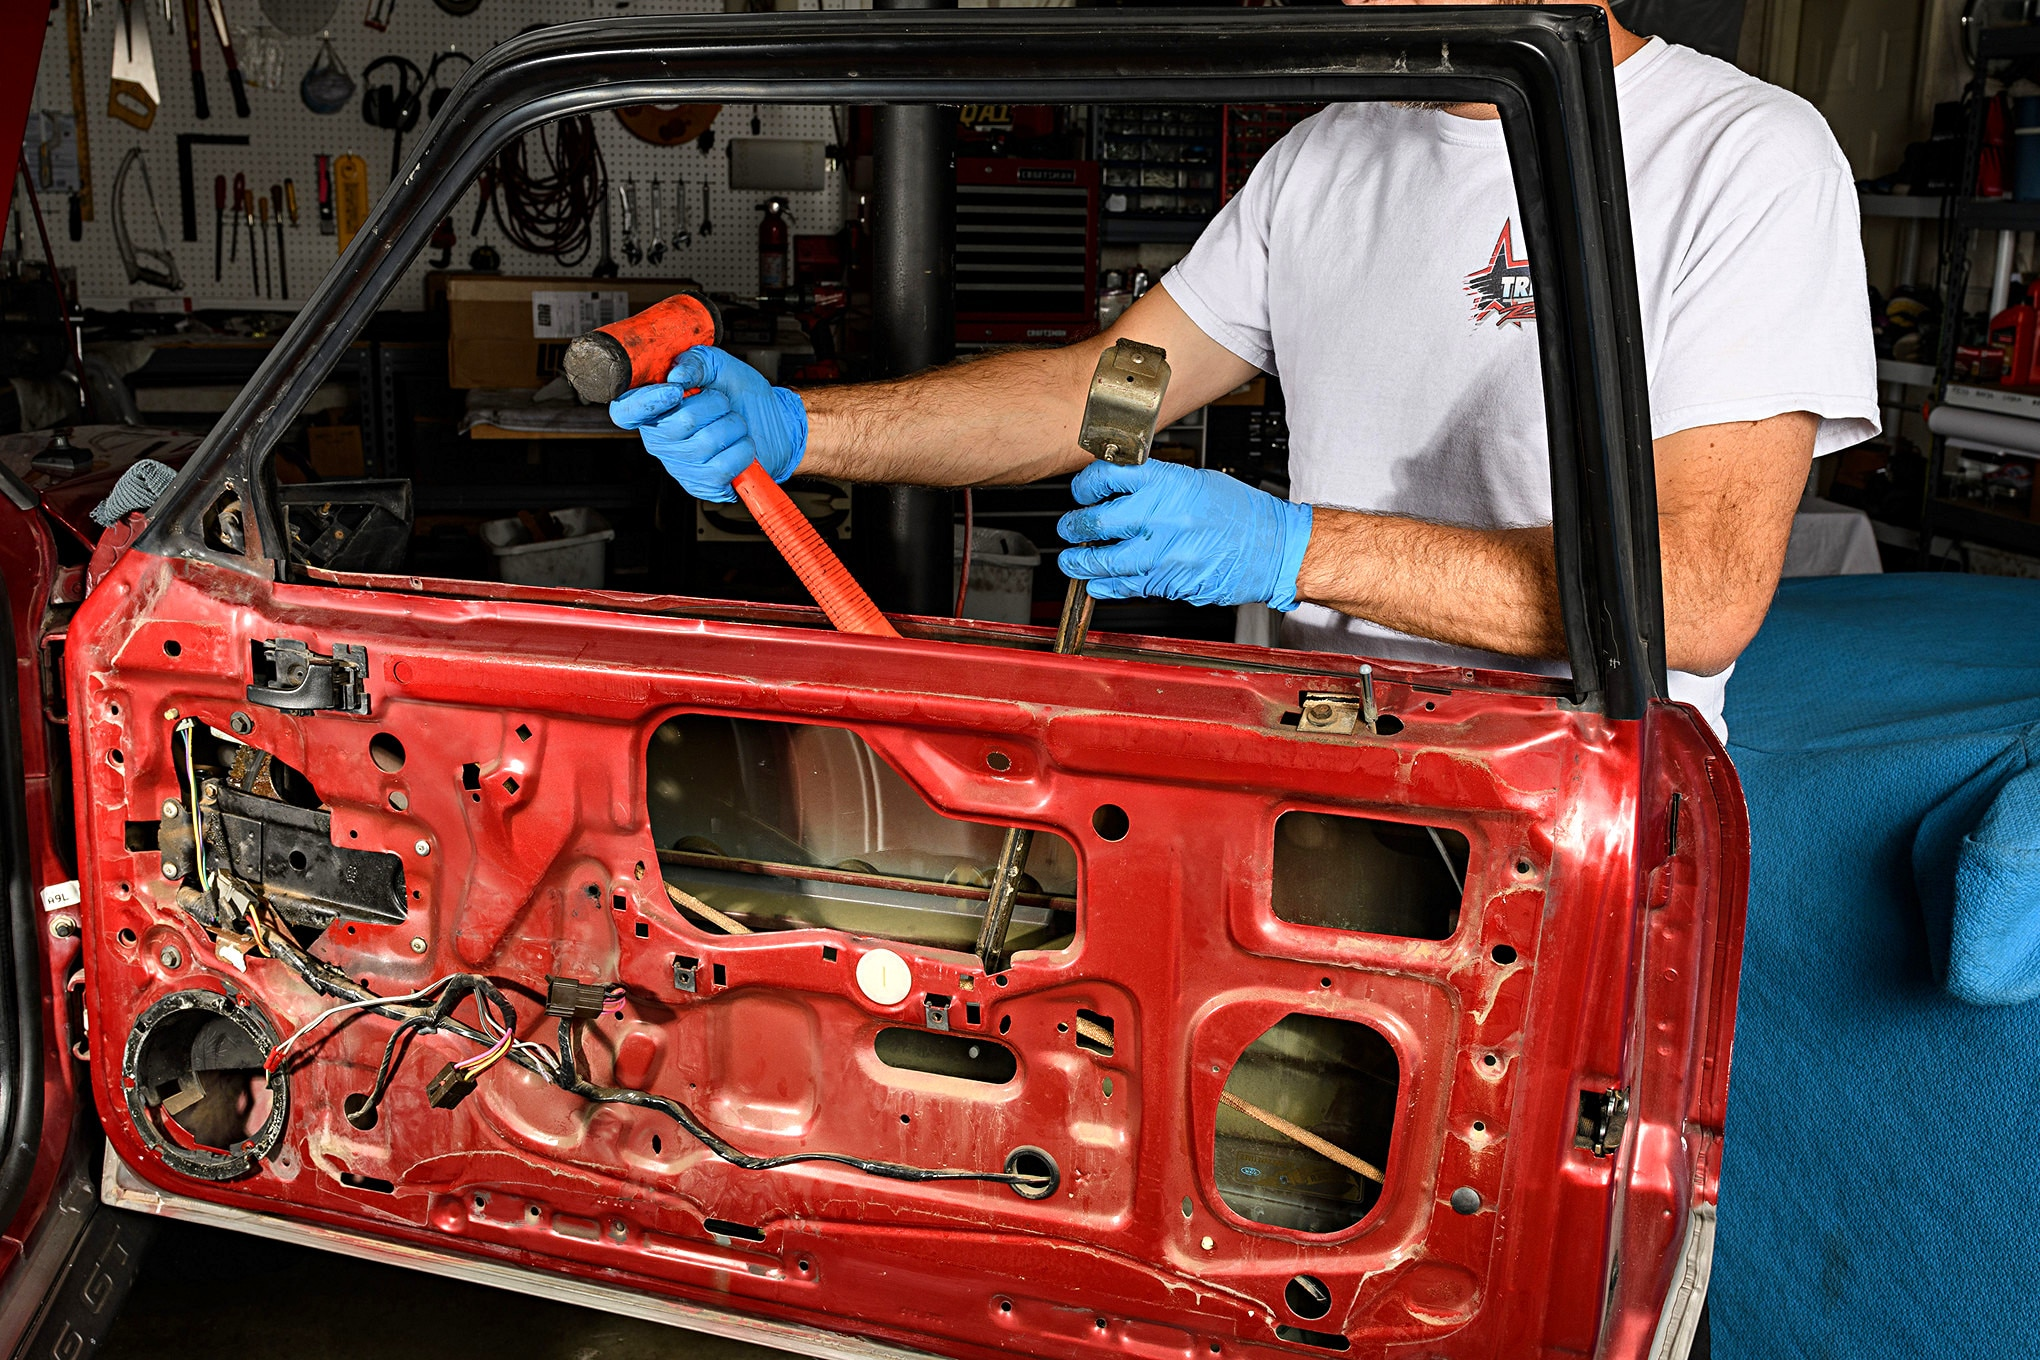 018 Mustang Door Window Guide Rod Removal